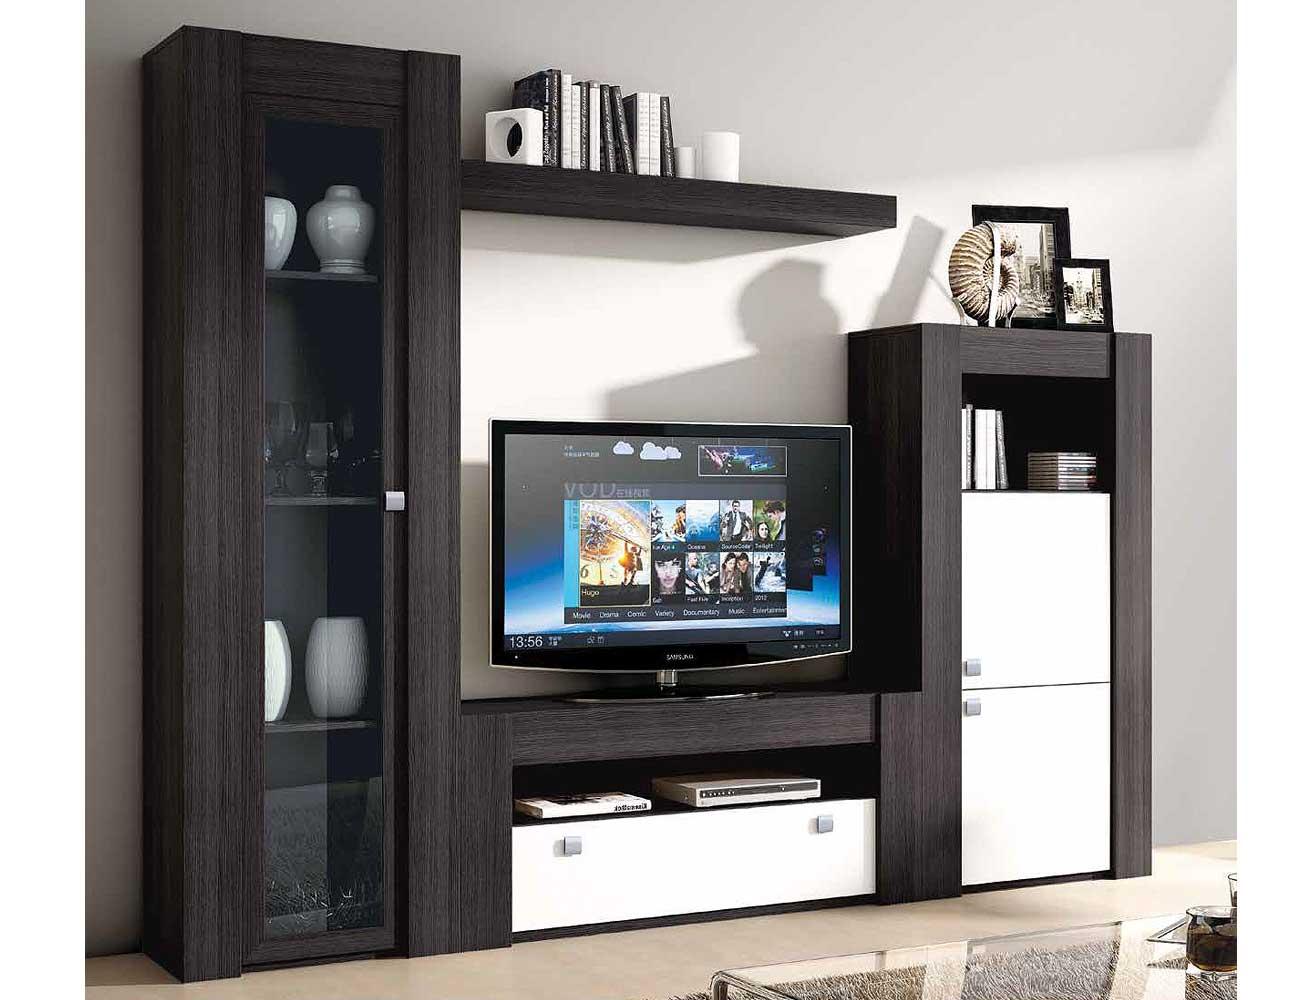 Mueble de sal n modular moderno en ceniza cambrian - Mueble salon modular ...